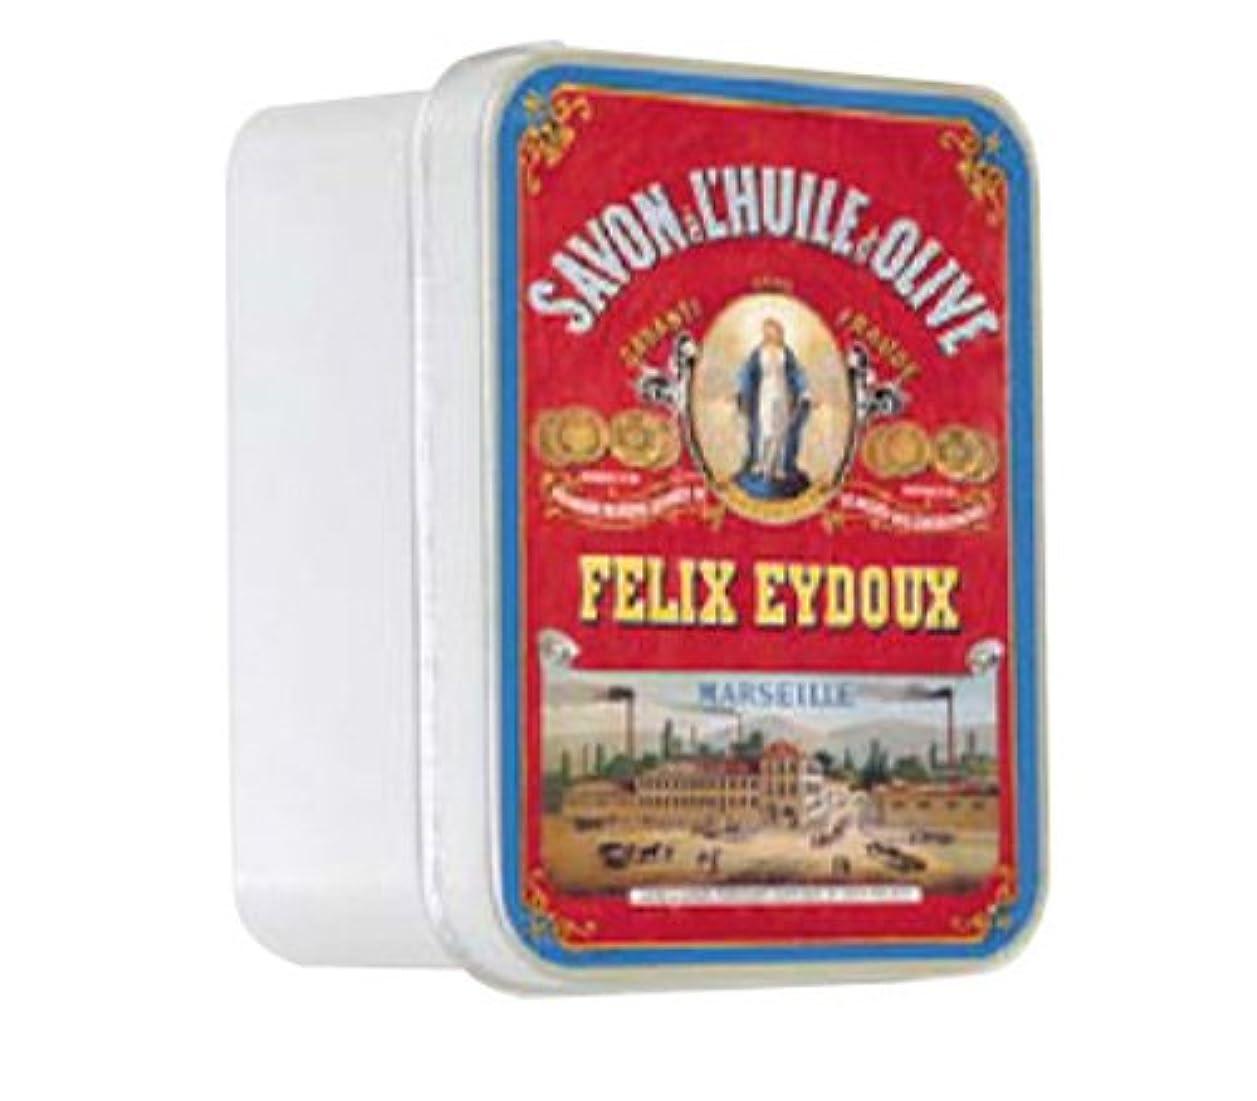 実り多いうるさい視線ルブランソープ メタルボックス(マルセイユソープ?オリーブの香り)石鹸